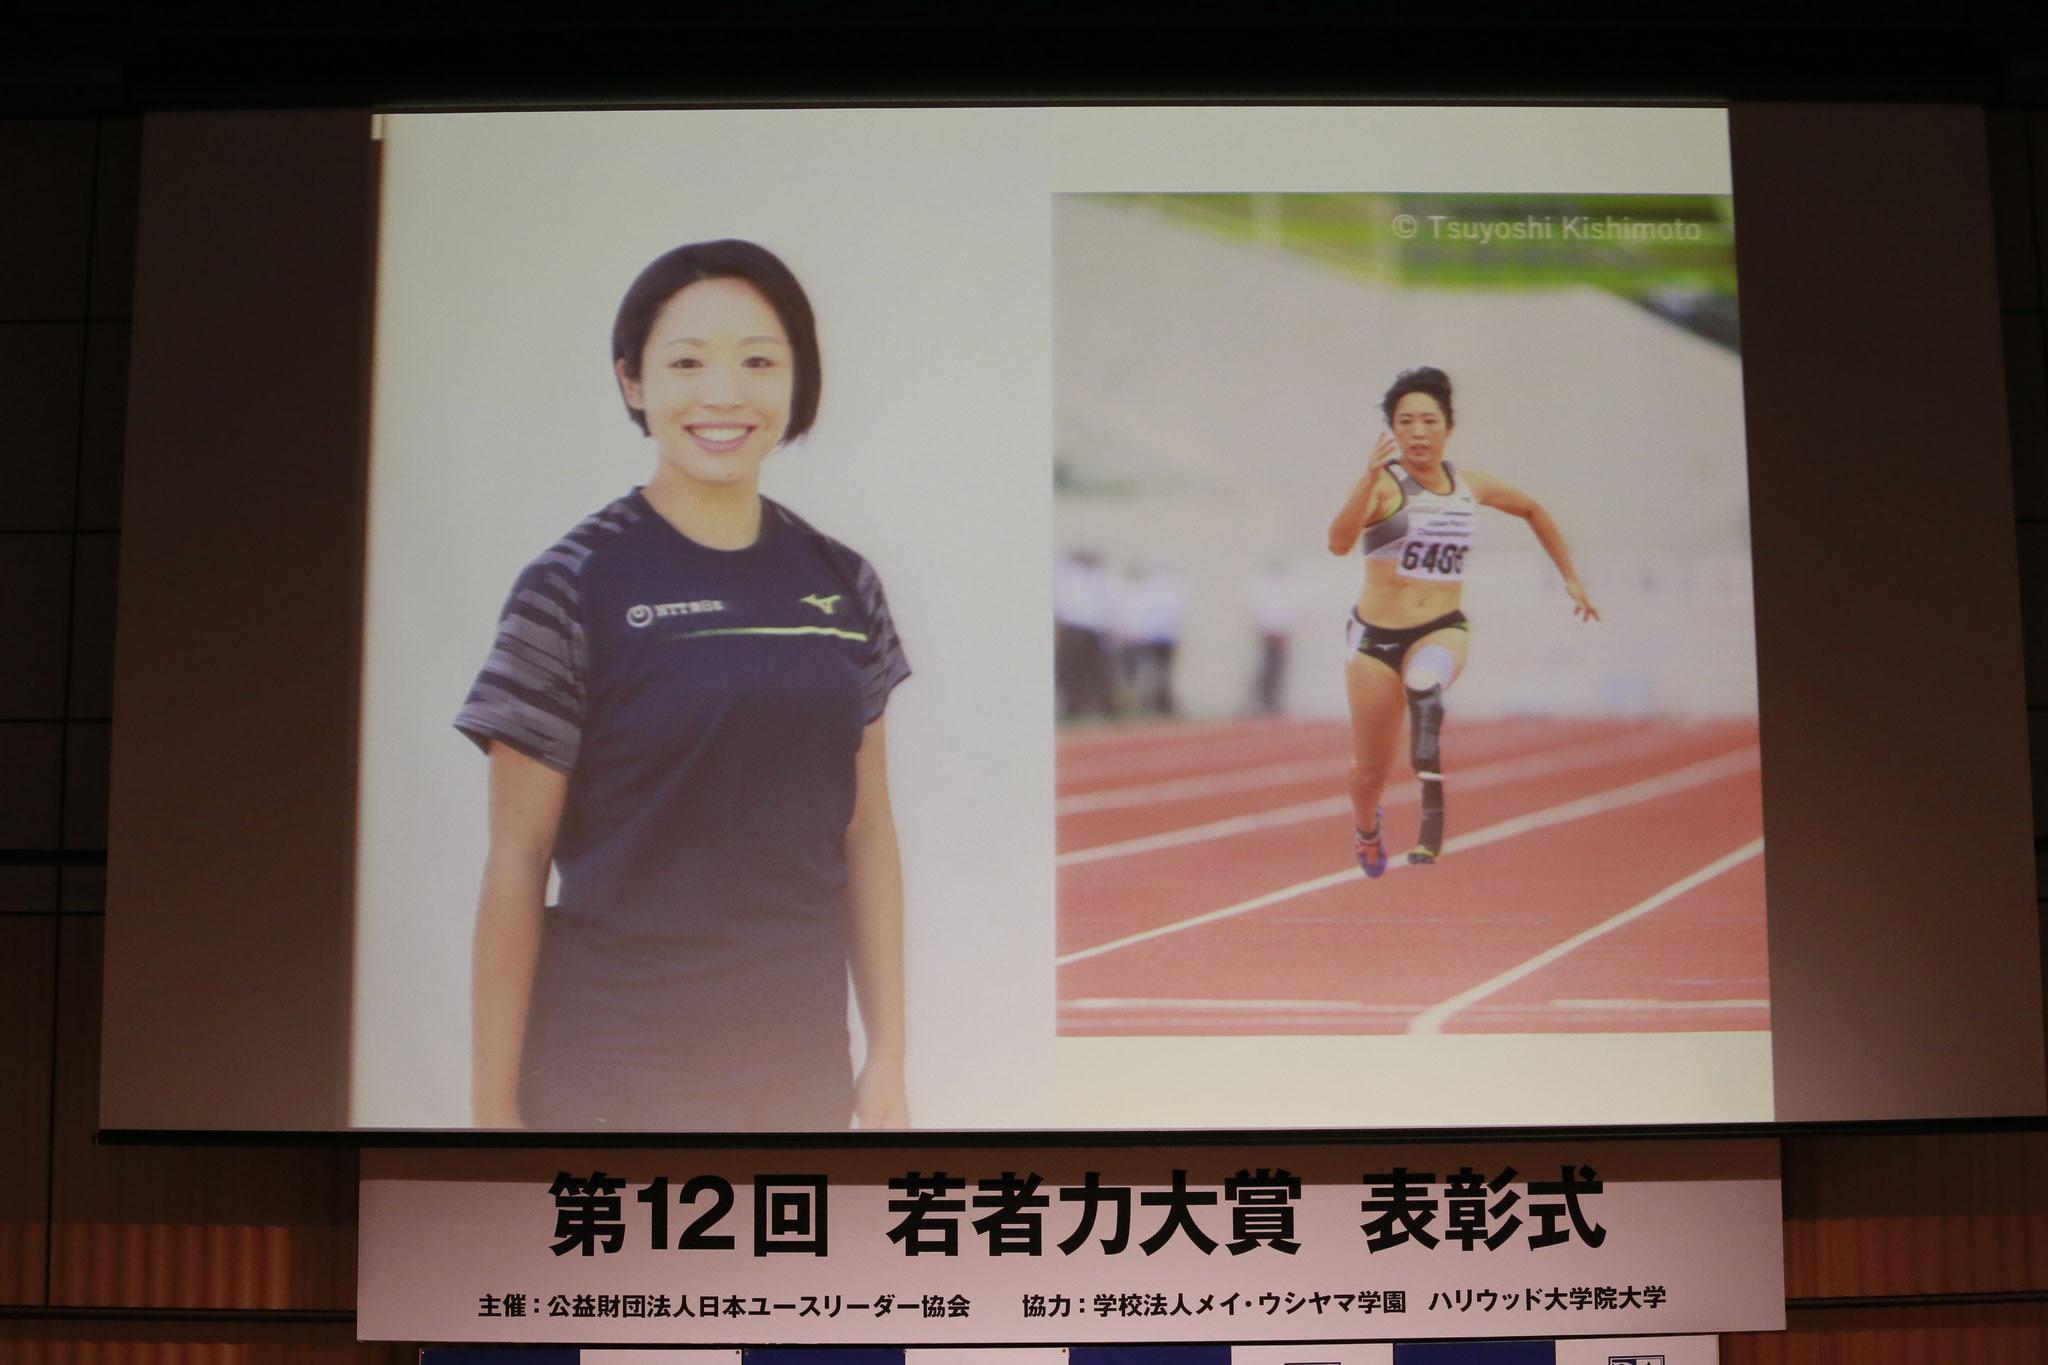 高桑審査委員(パラアスリート、第7回ユースリーダー賞受賞者)